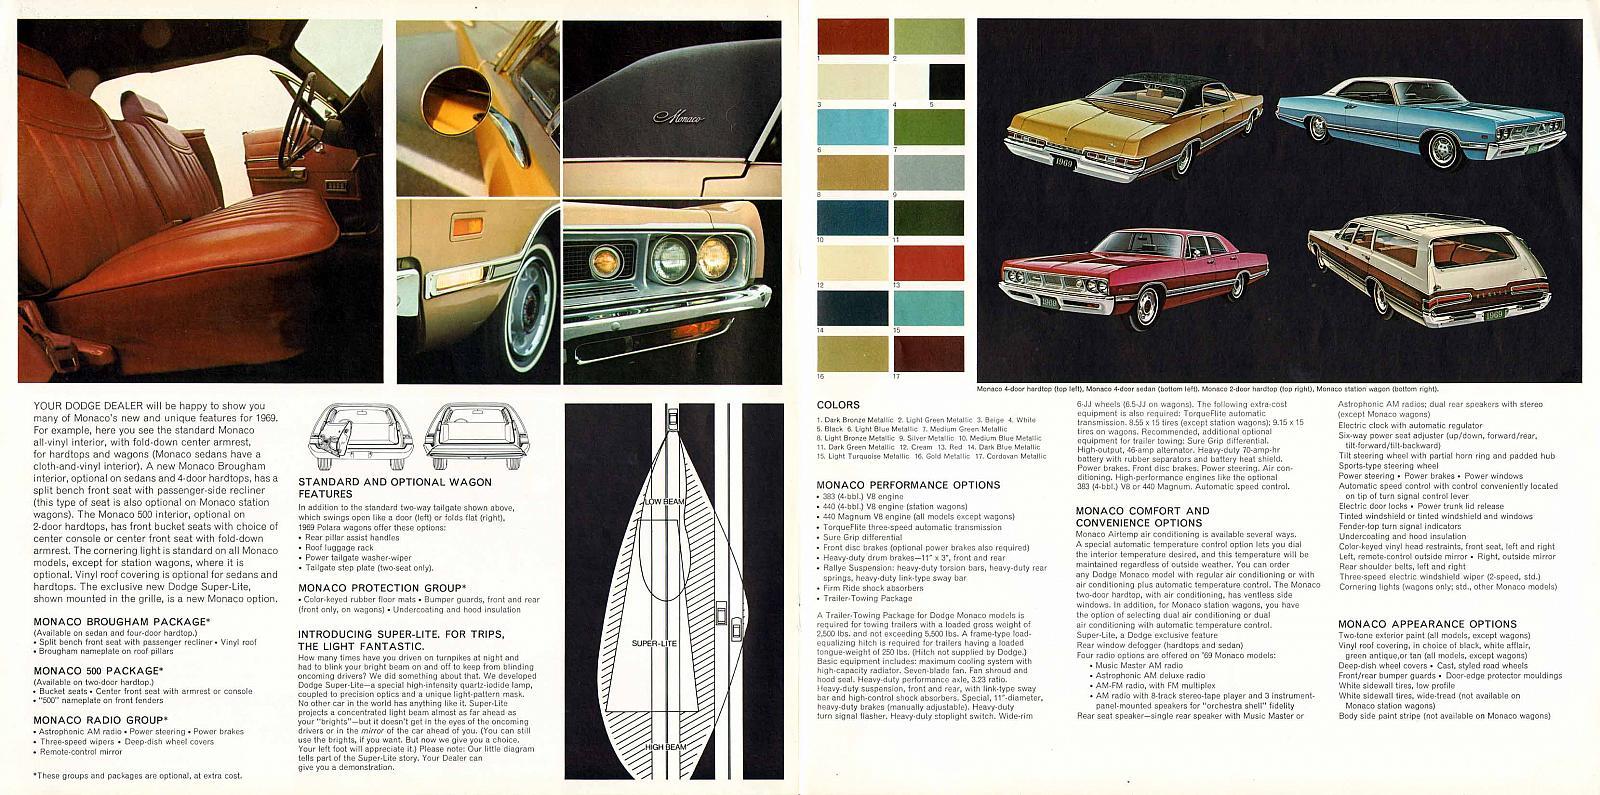 1969 Dodge Monaco ad promoting the Super-Lite